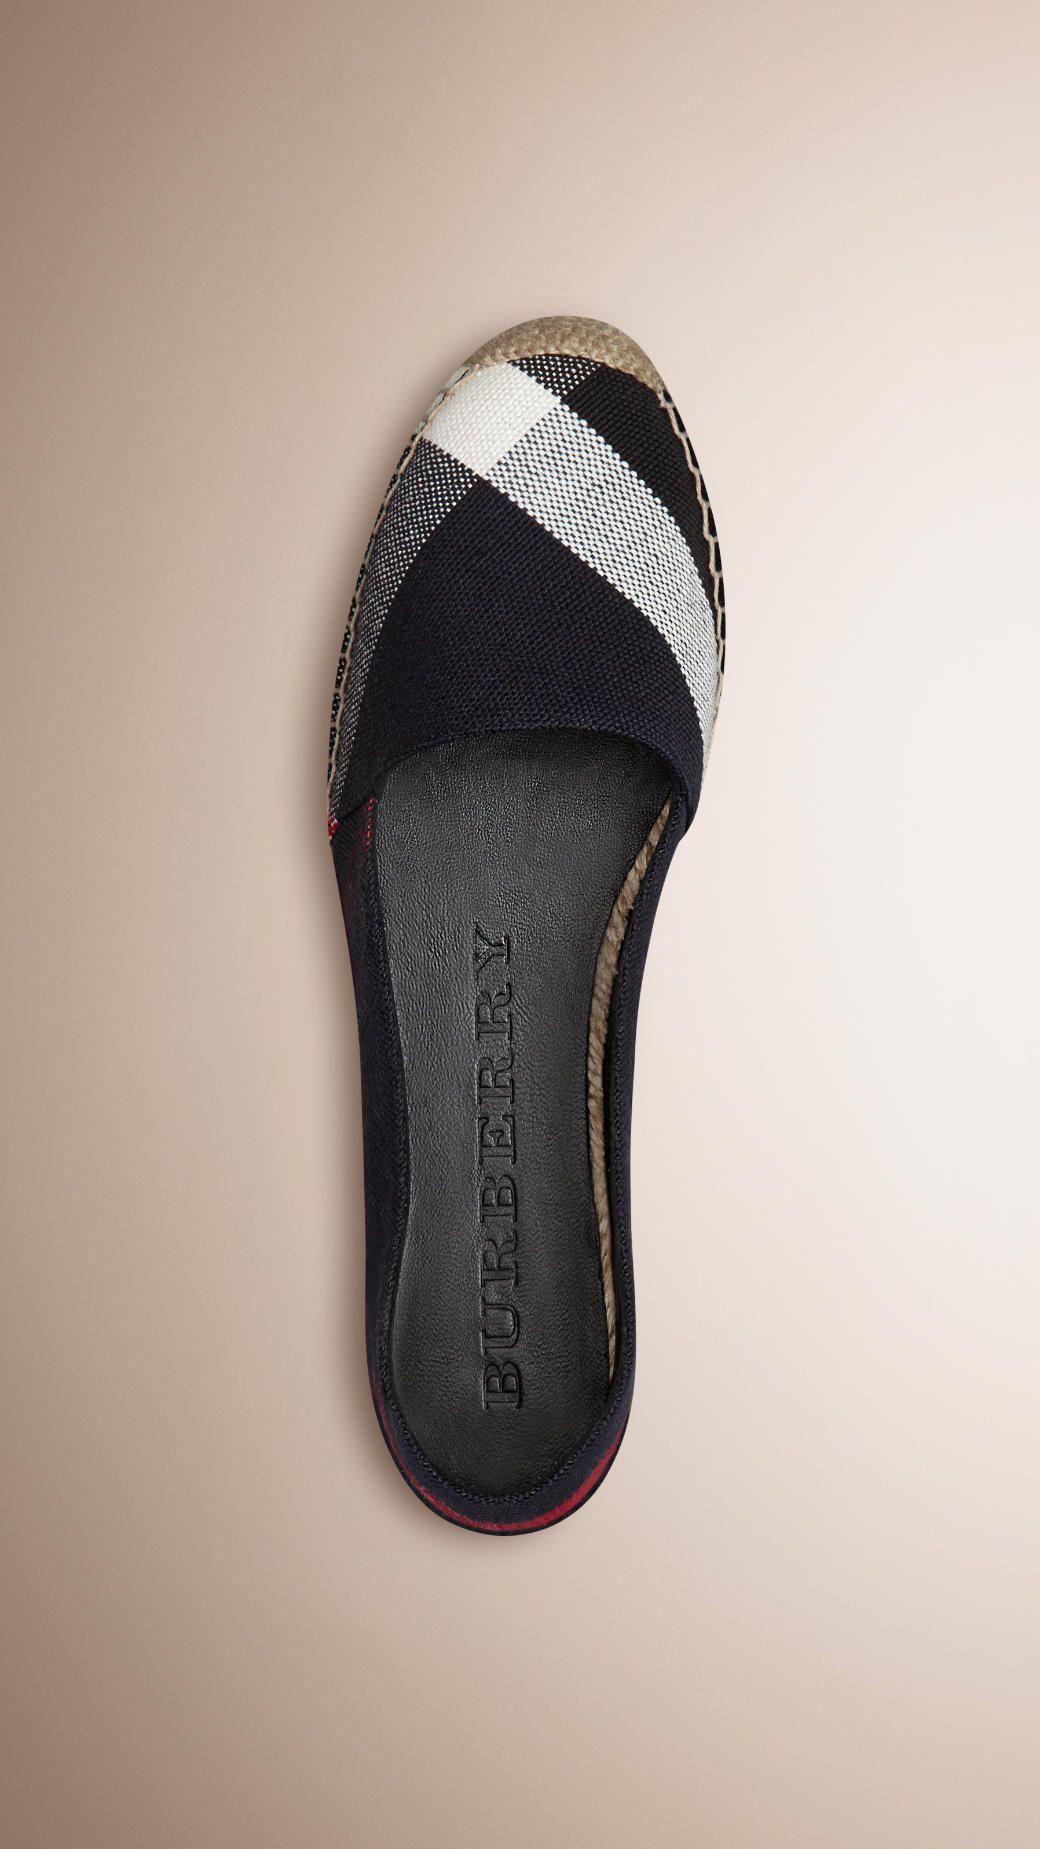 faf4c36815f0 Chaussures pour femme   Burberry en 2018   chaussure   Pinterest ...